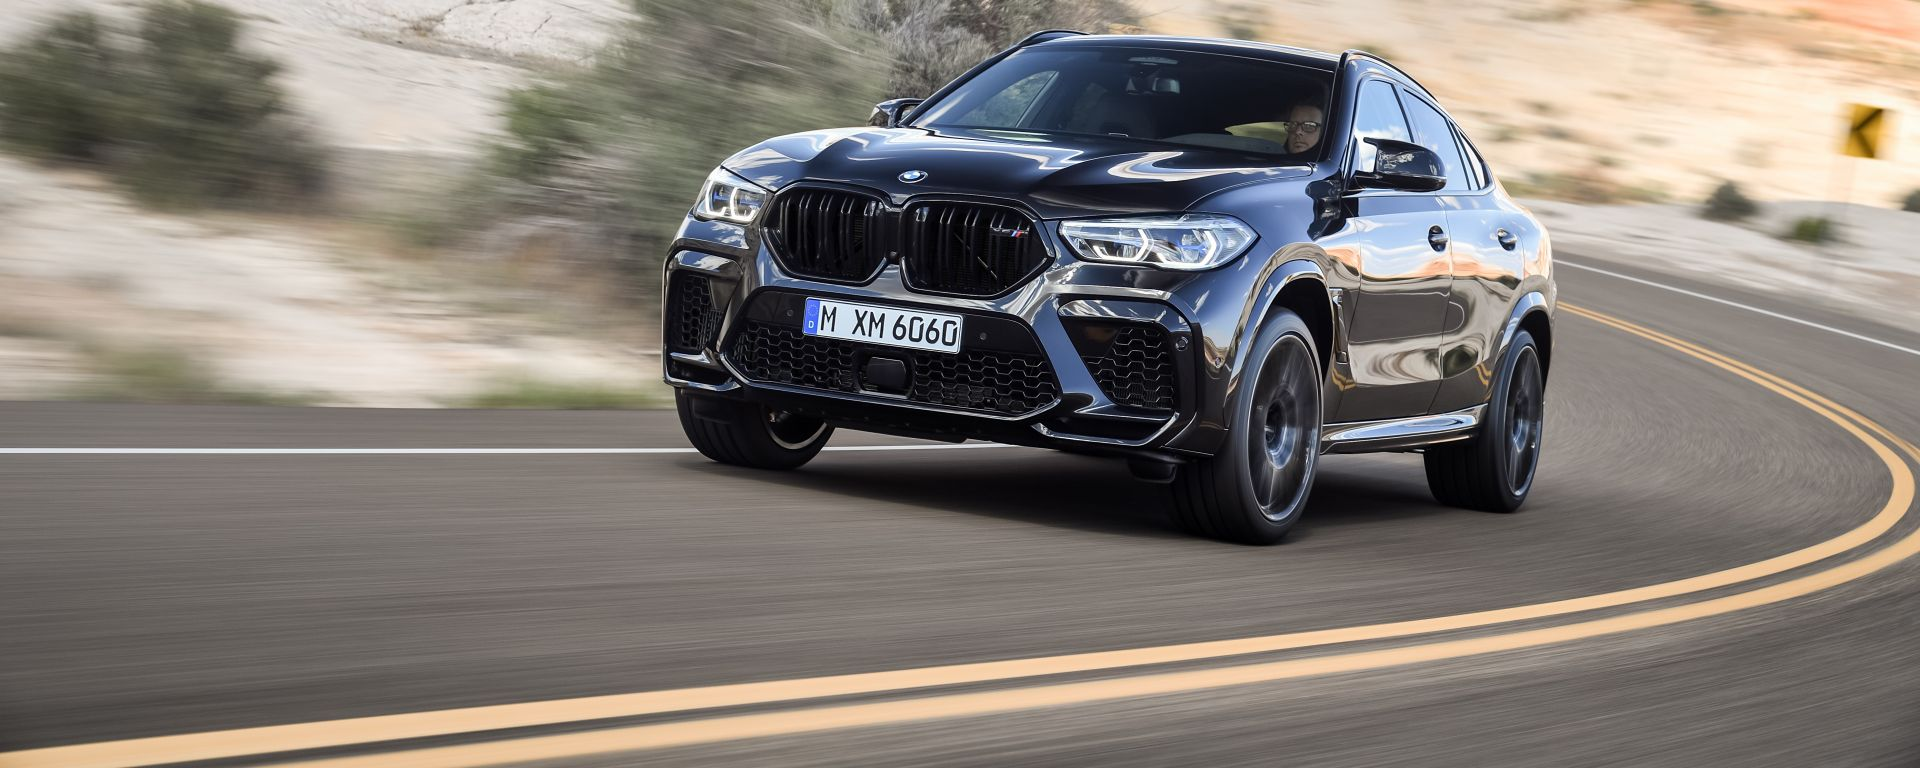 BMW X6 M Competition: dettaglio anteriore